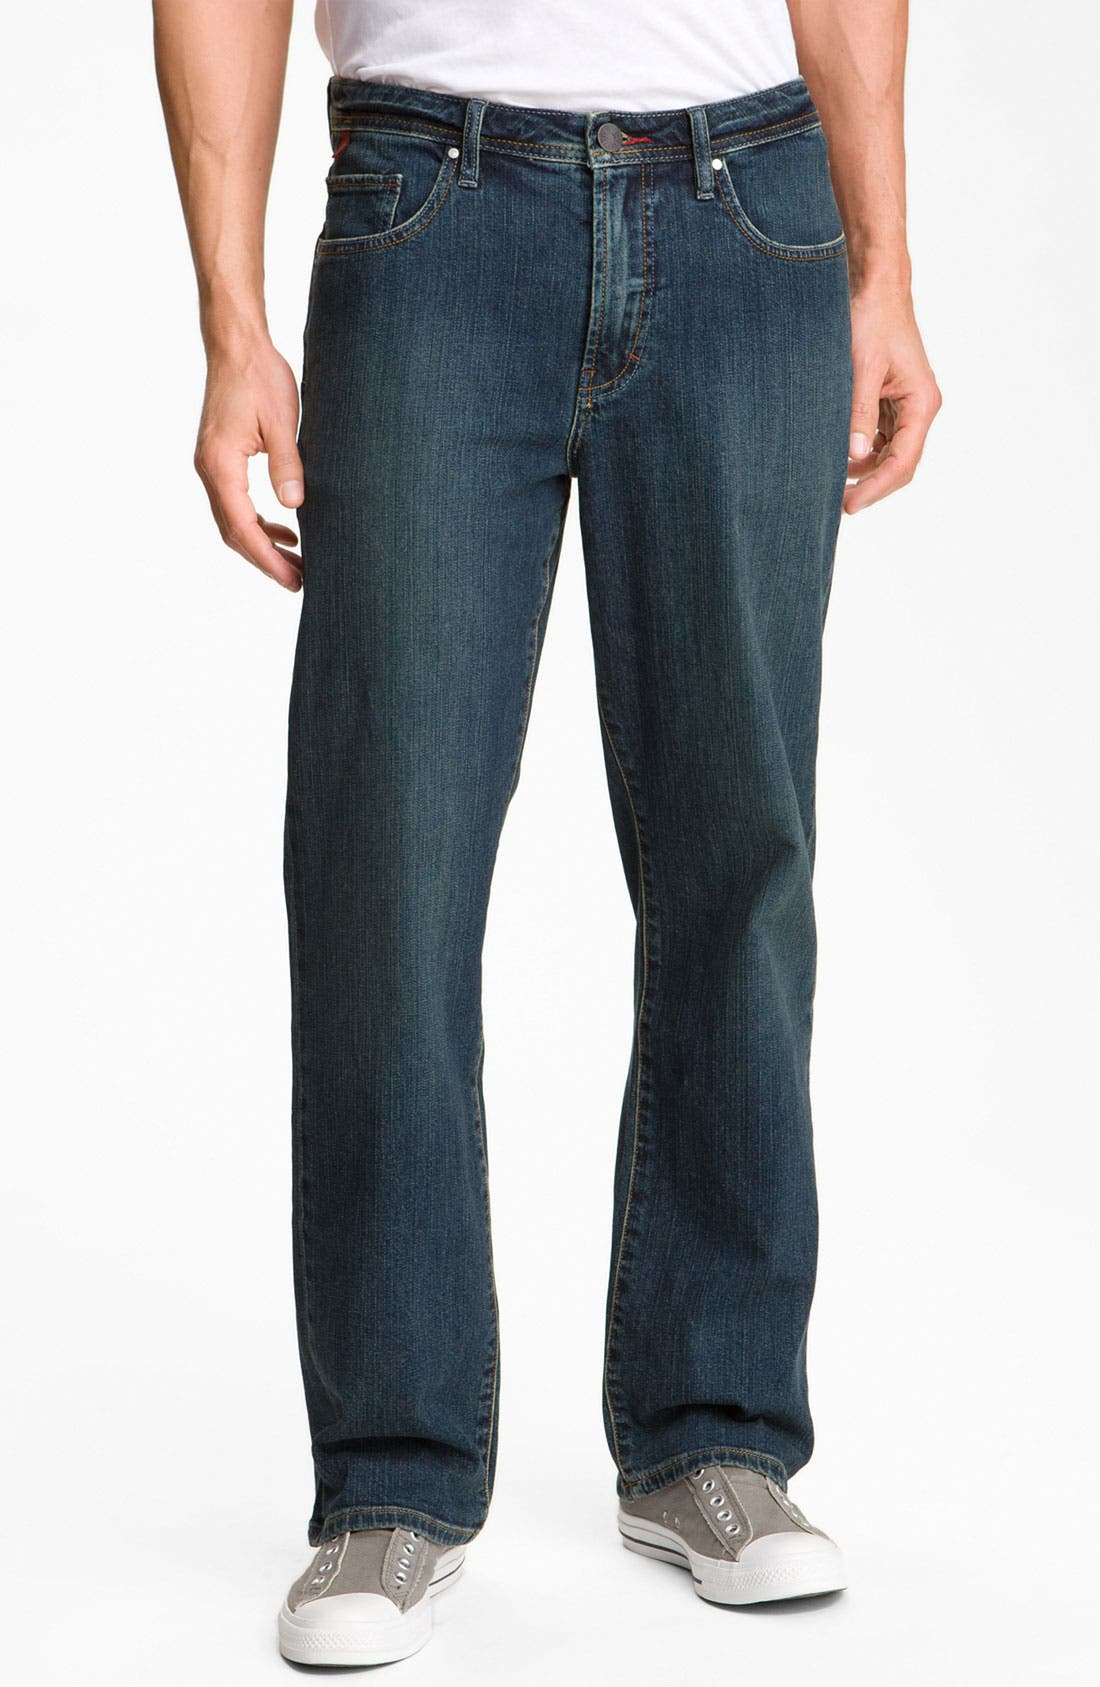 Alternate Image 1 Selected - Worn Jeans 'Octane' Straight Leg Jeans (Dark Edge)